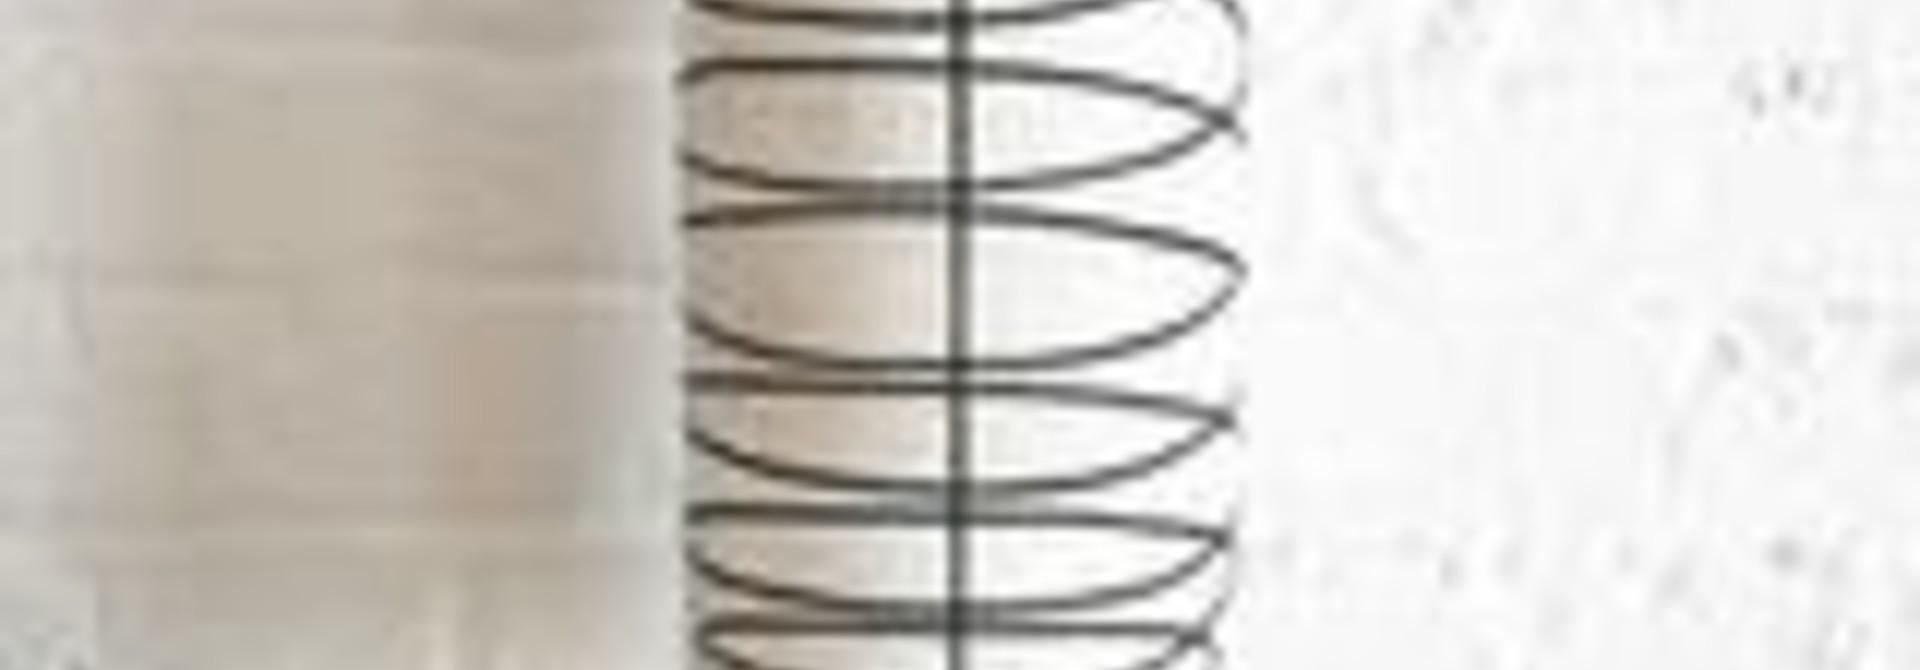 Vessel - Tall - Thin Spiral